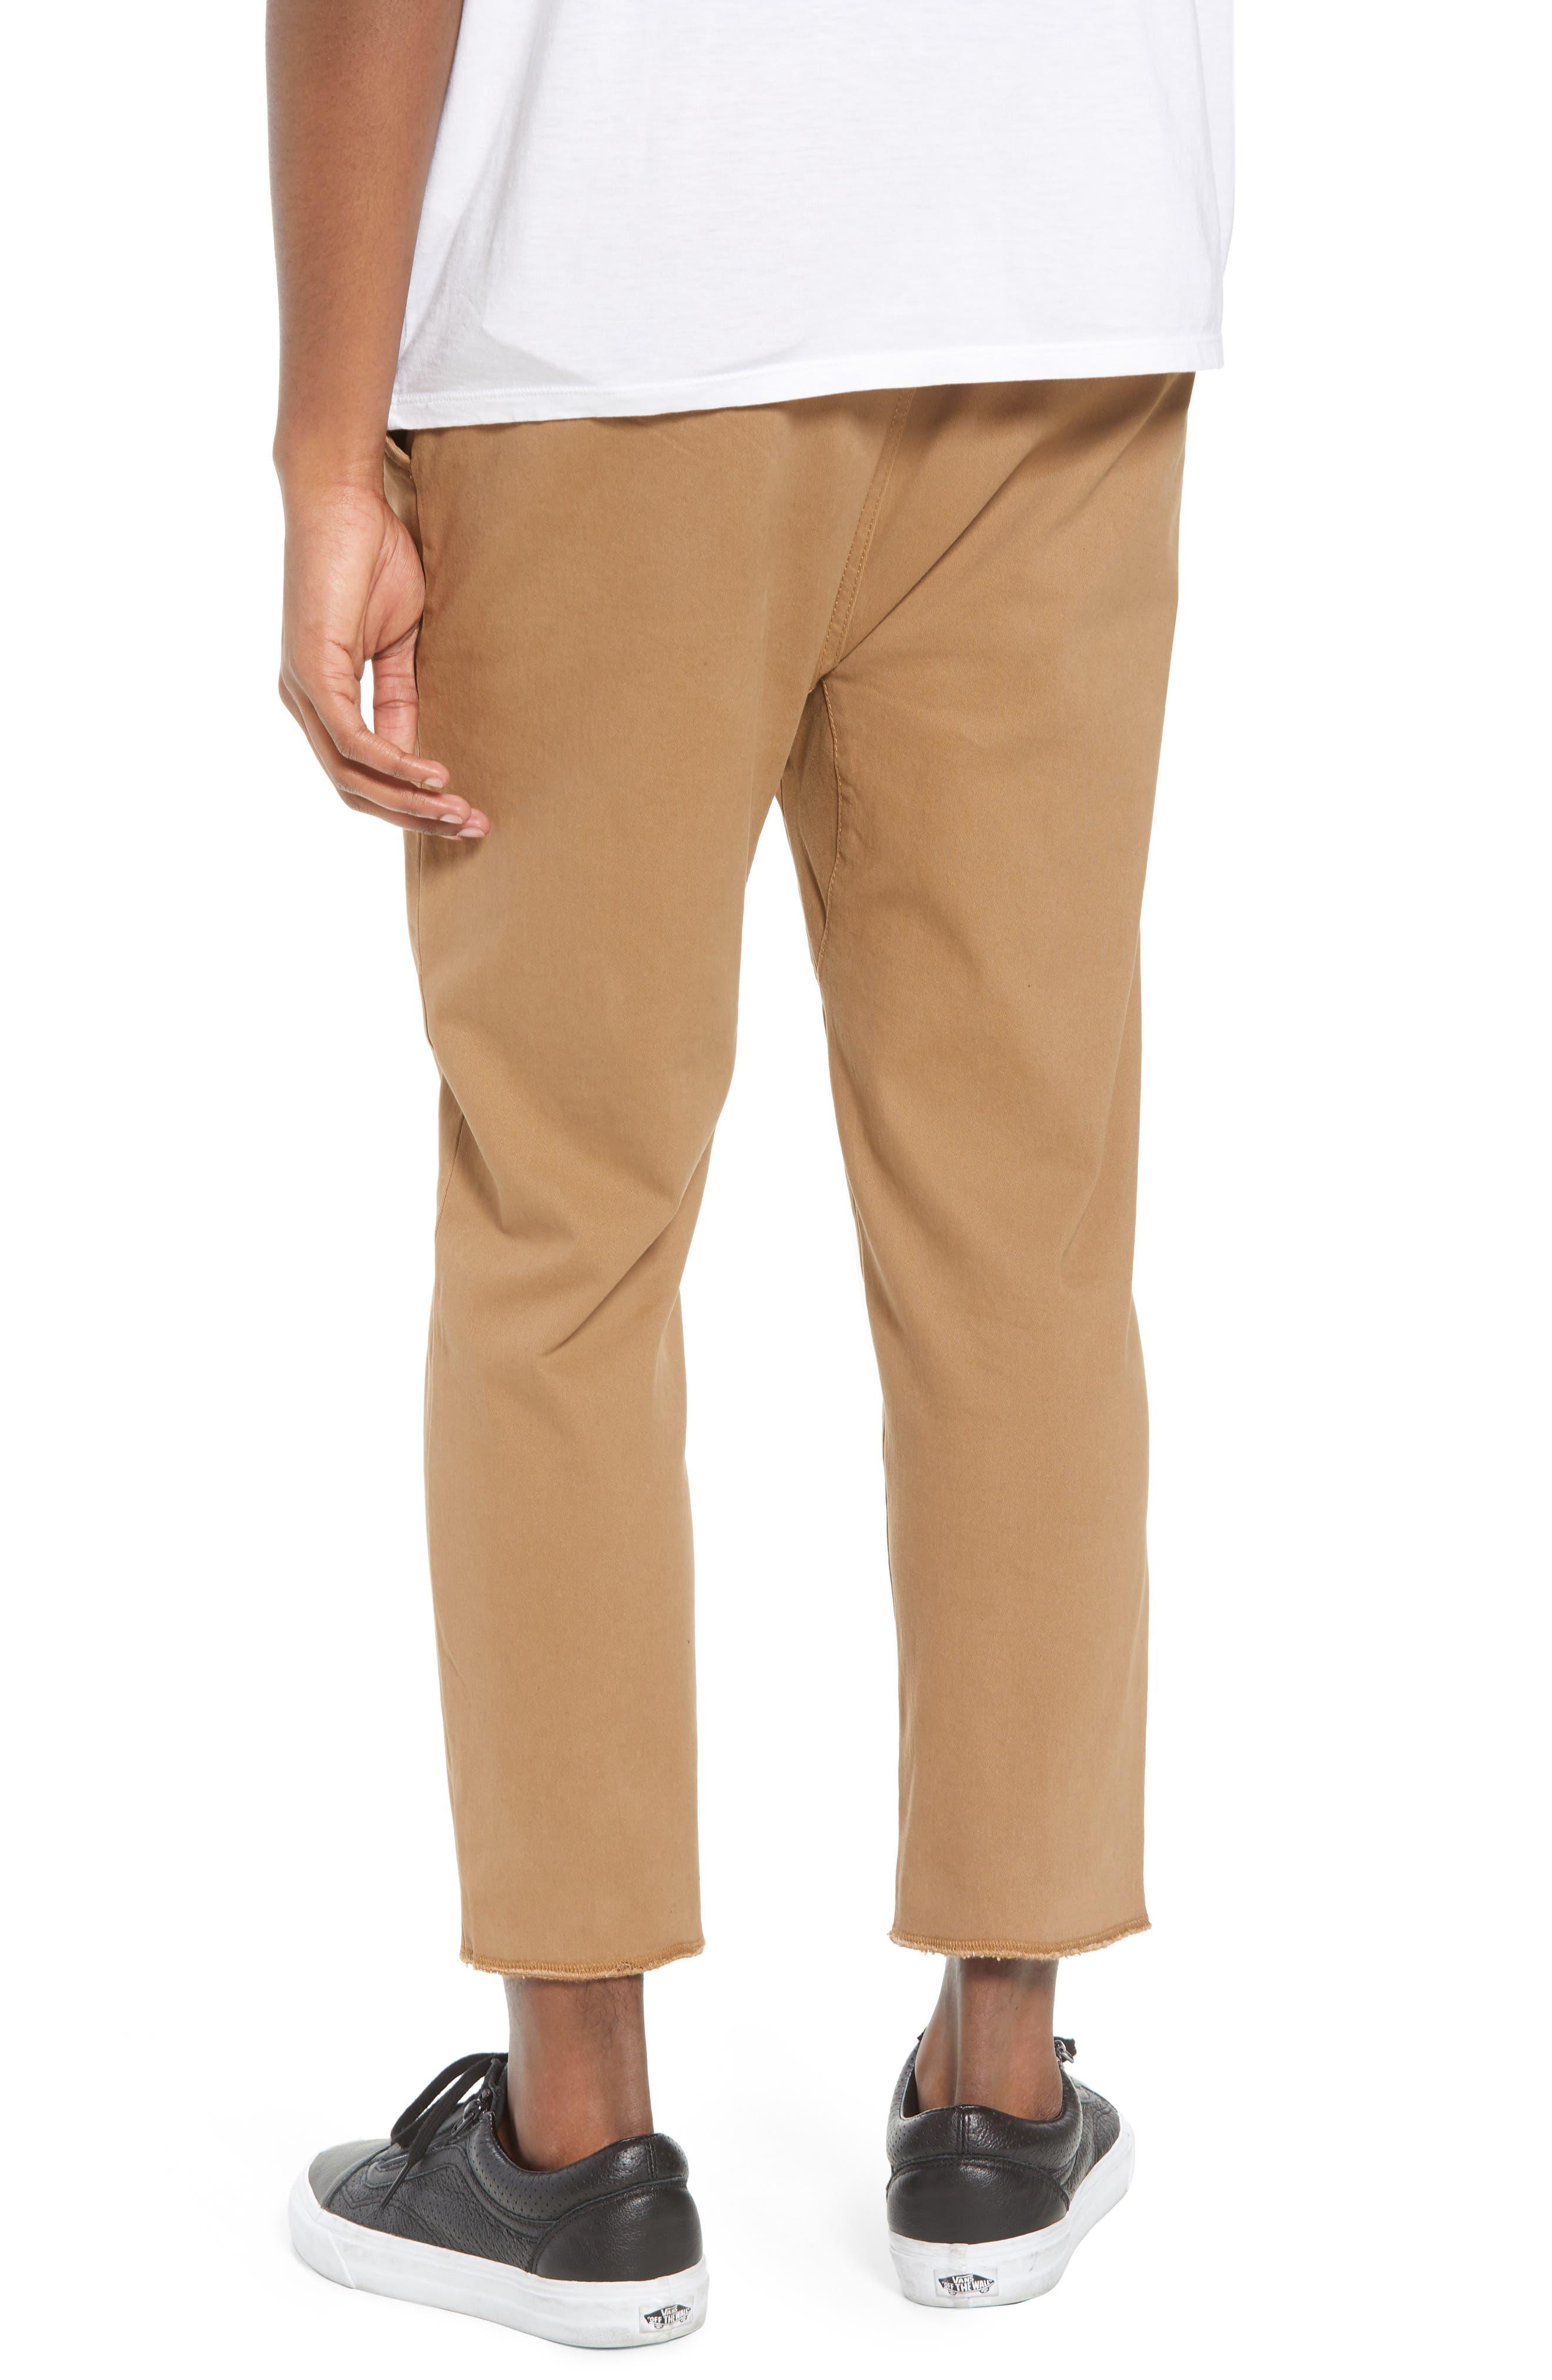 Vacation Slim Fit Crop Pants,                             Alternate thumbnail 2, color,                             KHAKI